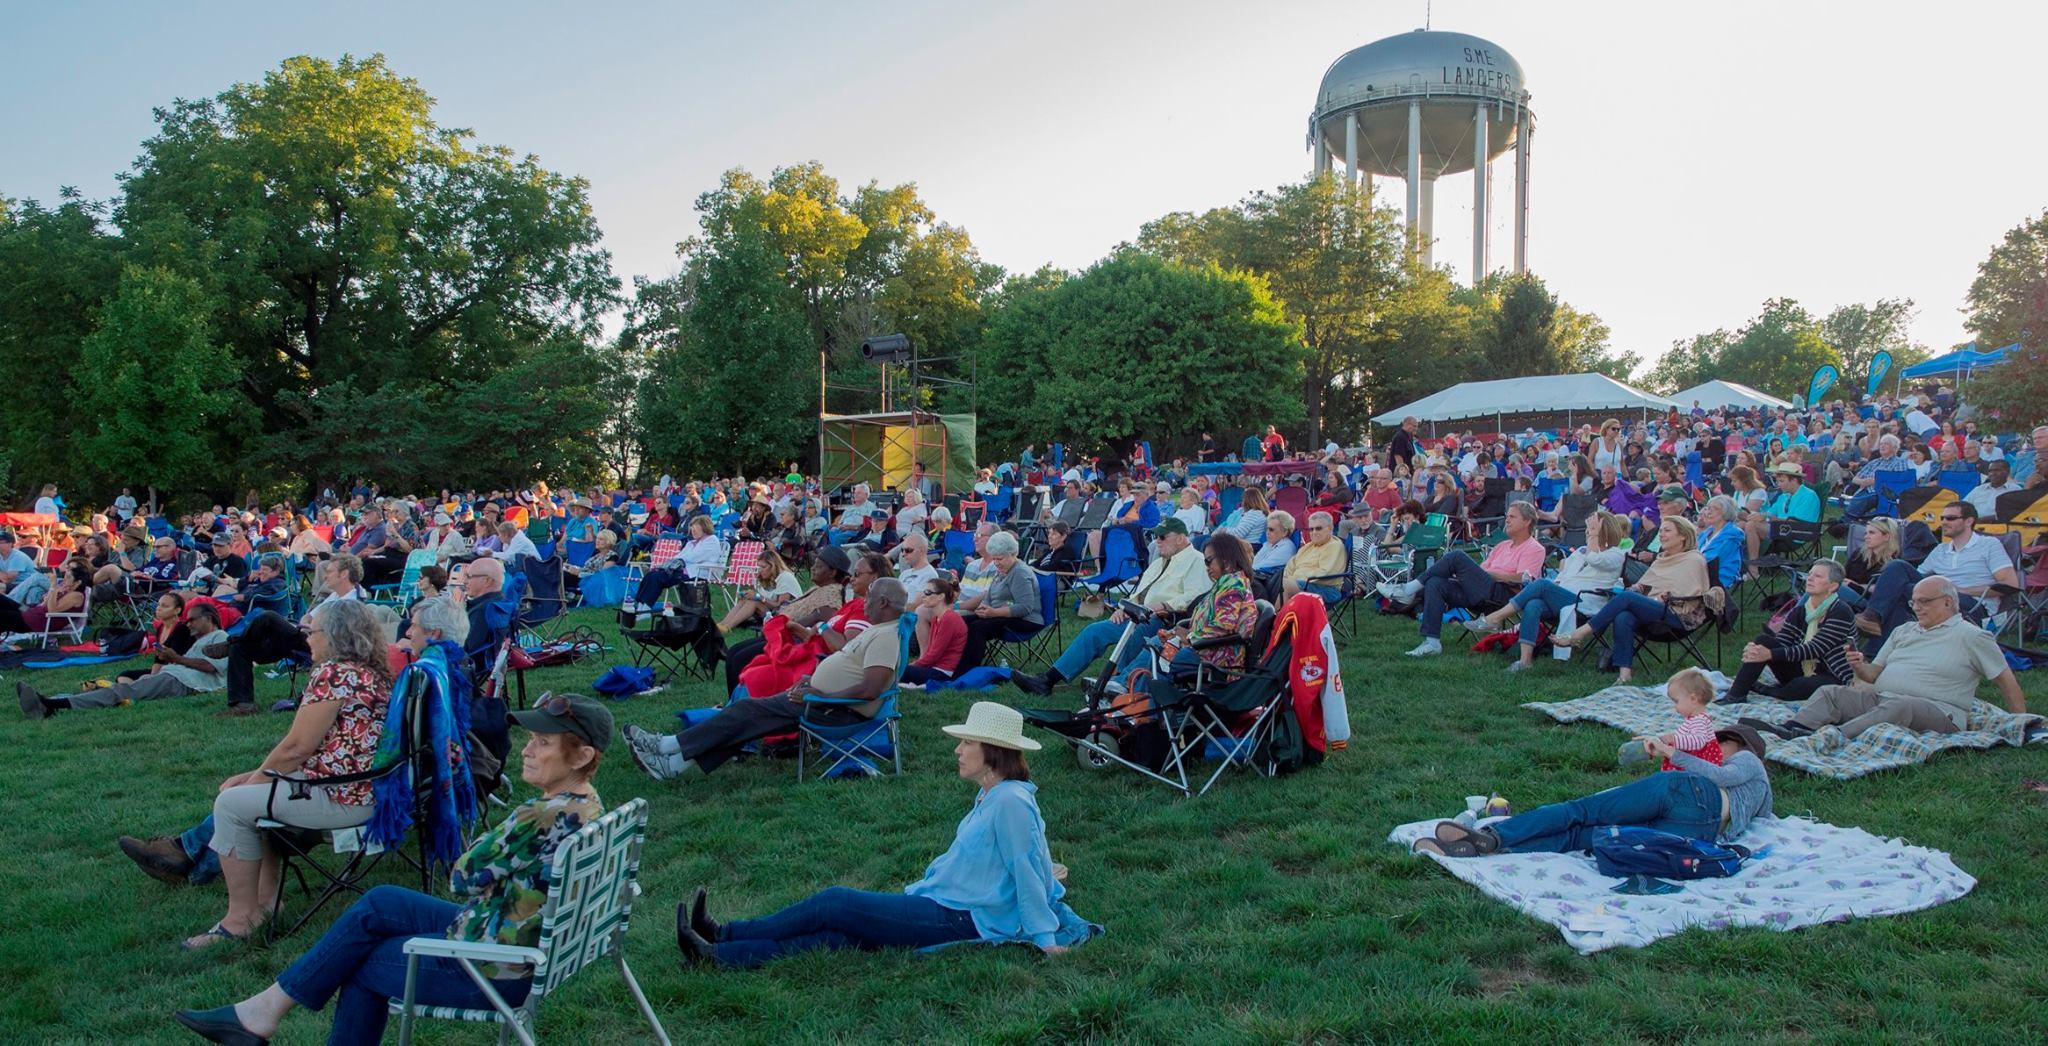 Prairie village jazz festival artist highlight sm east for Jewelry arts prairie village